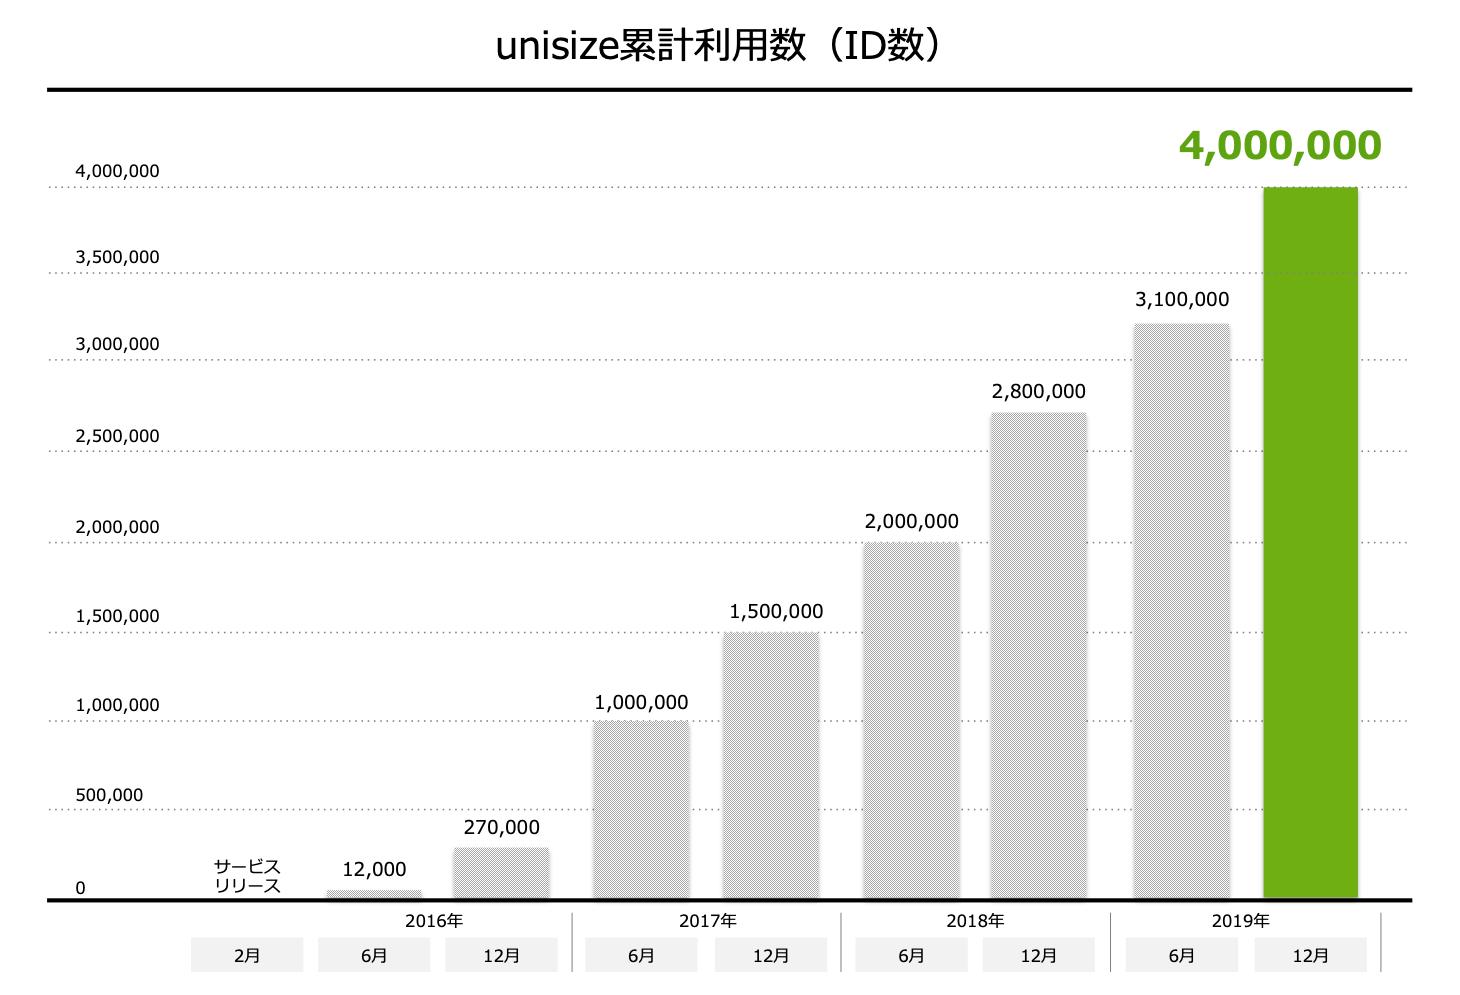 unisize累計利用数(ID数)